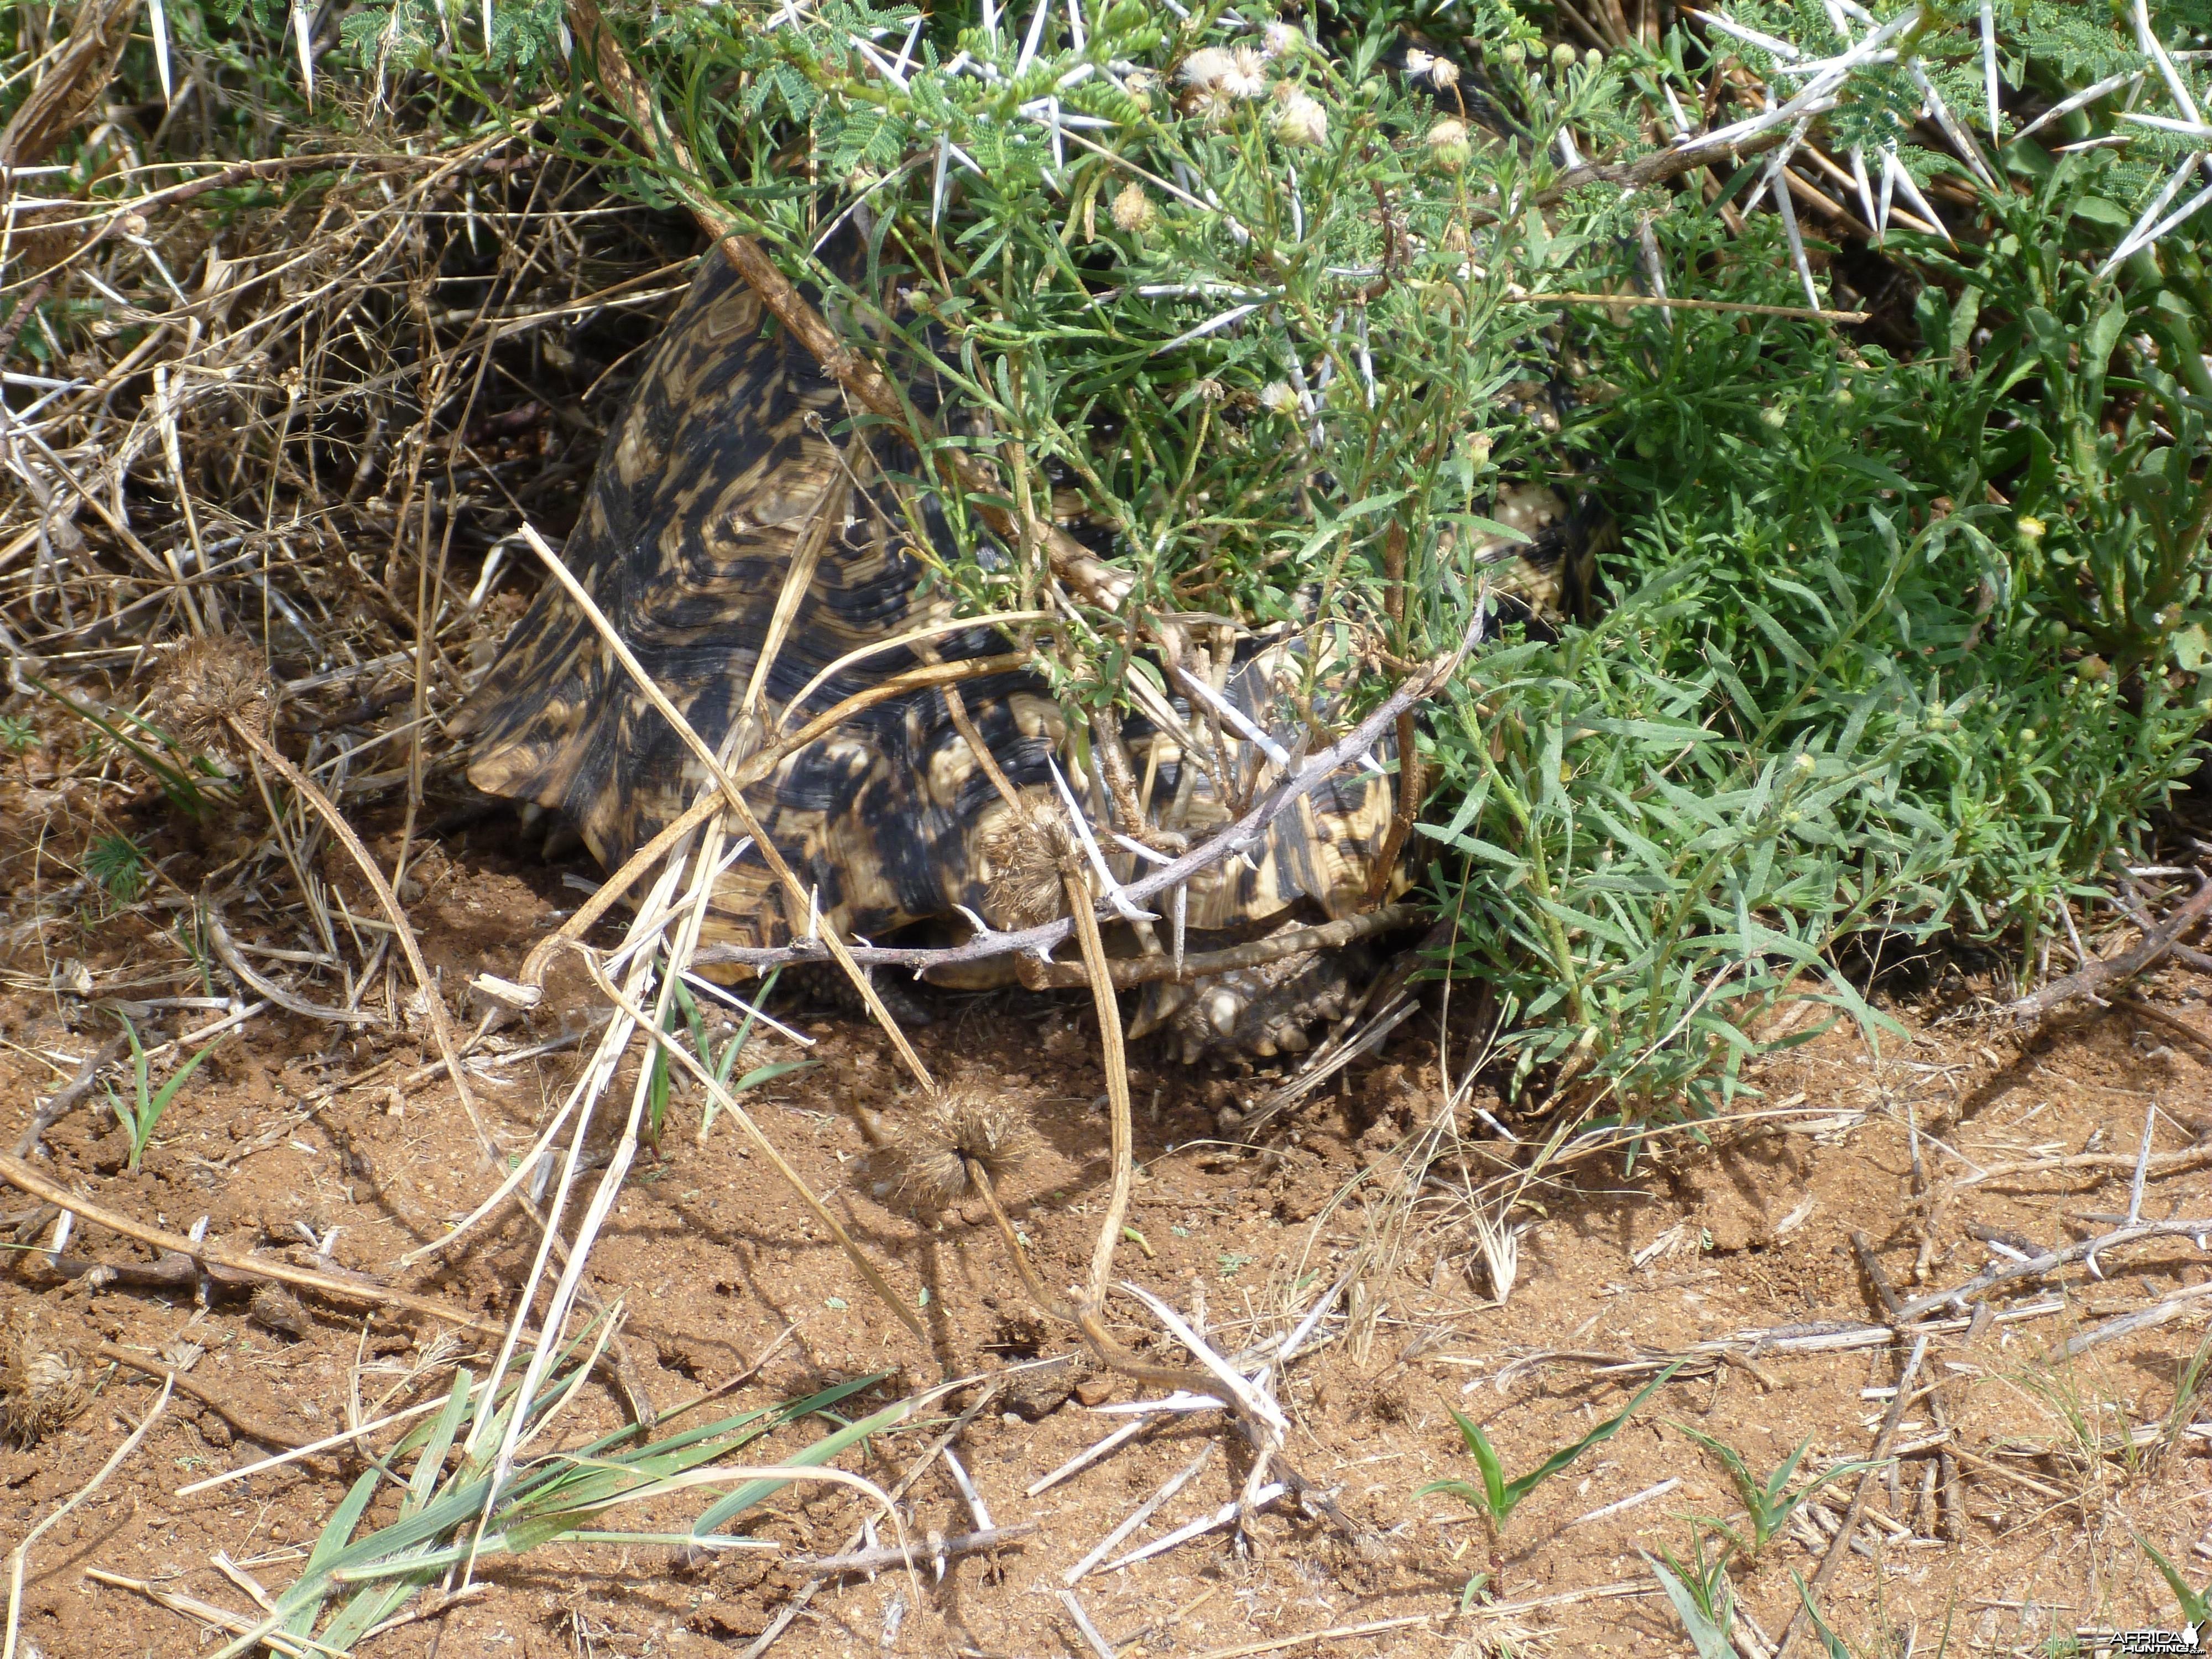 Tortoise Namibia